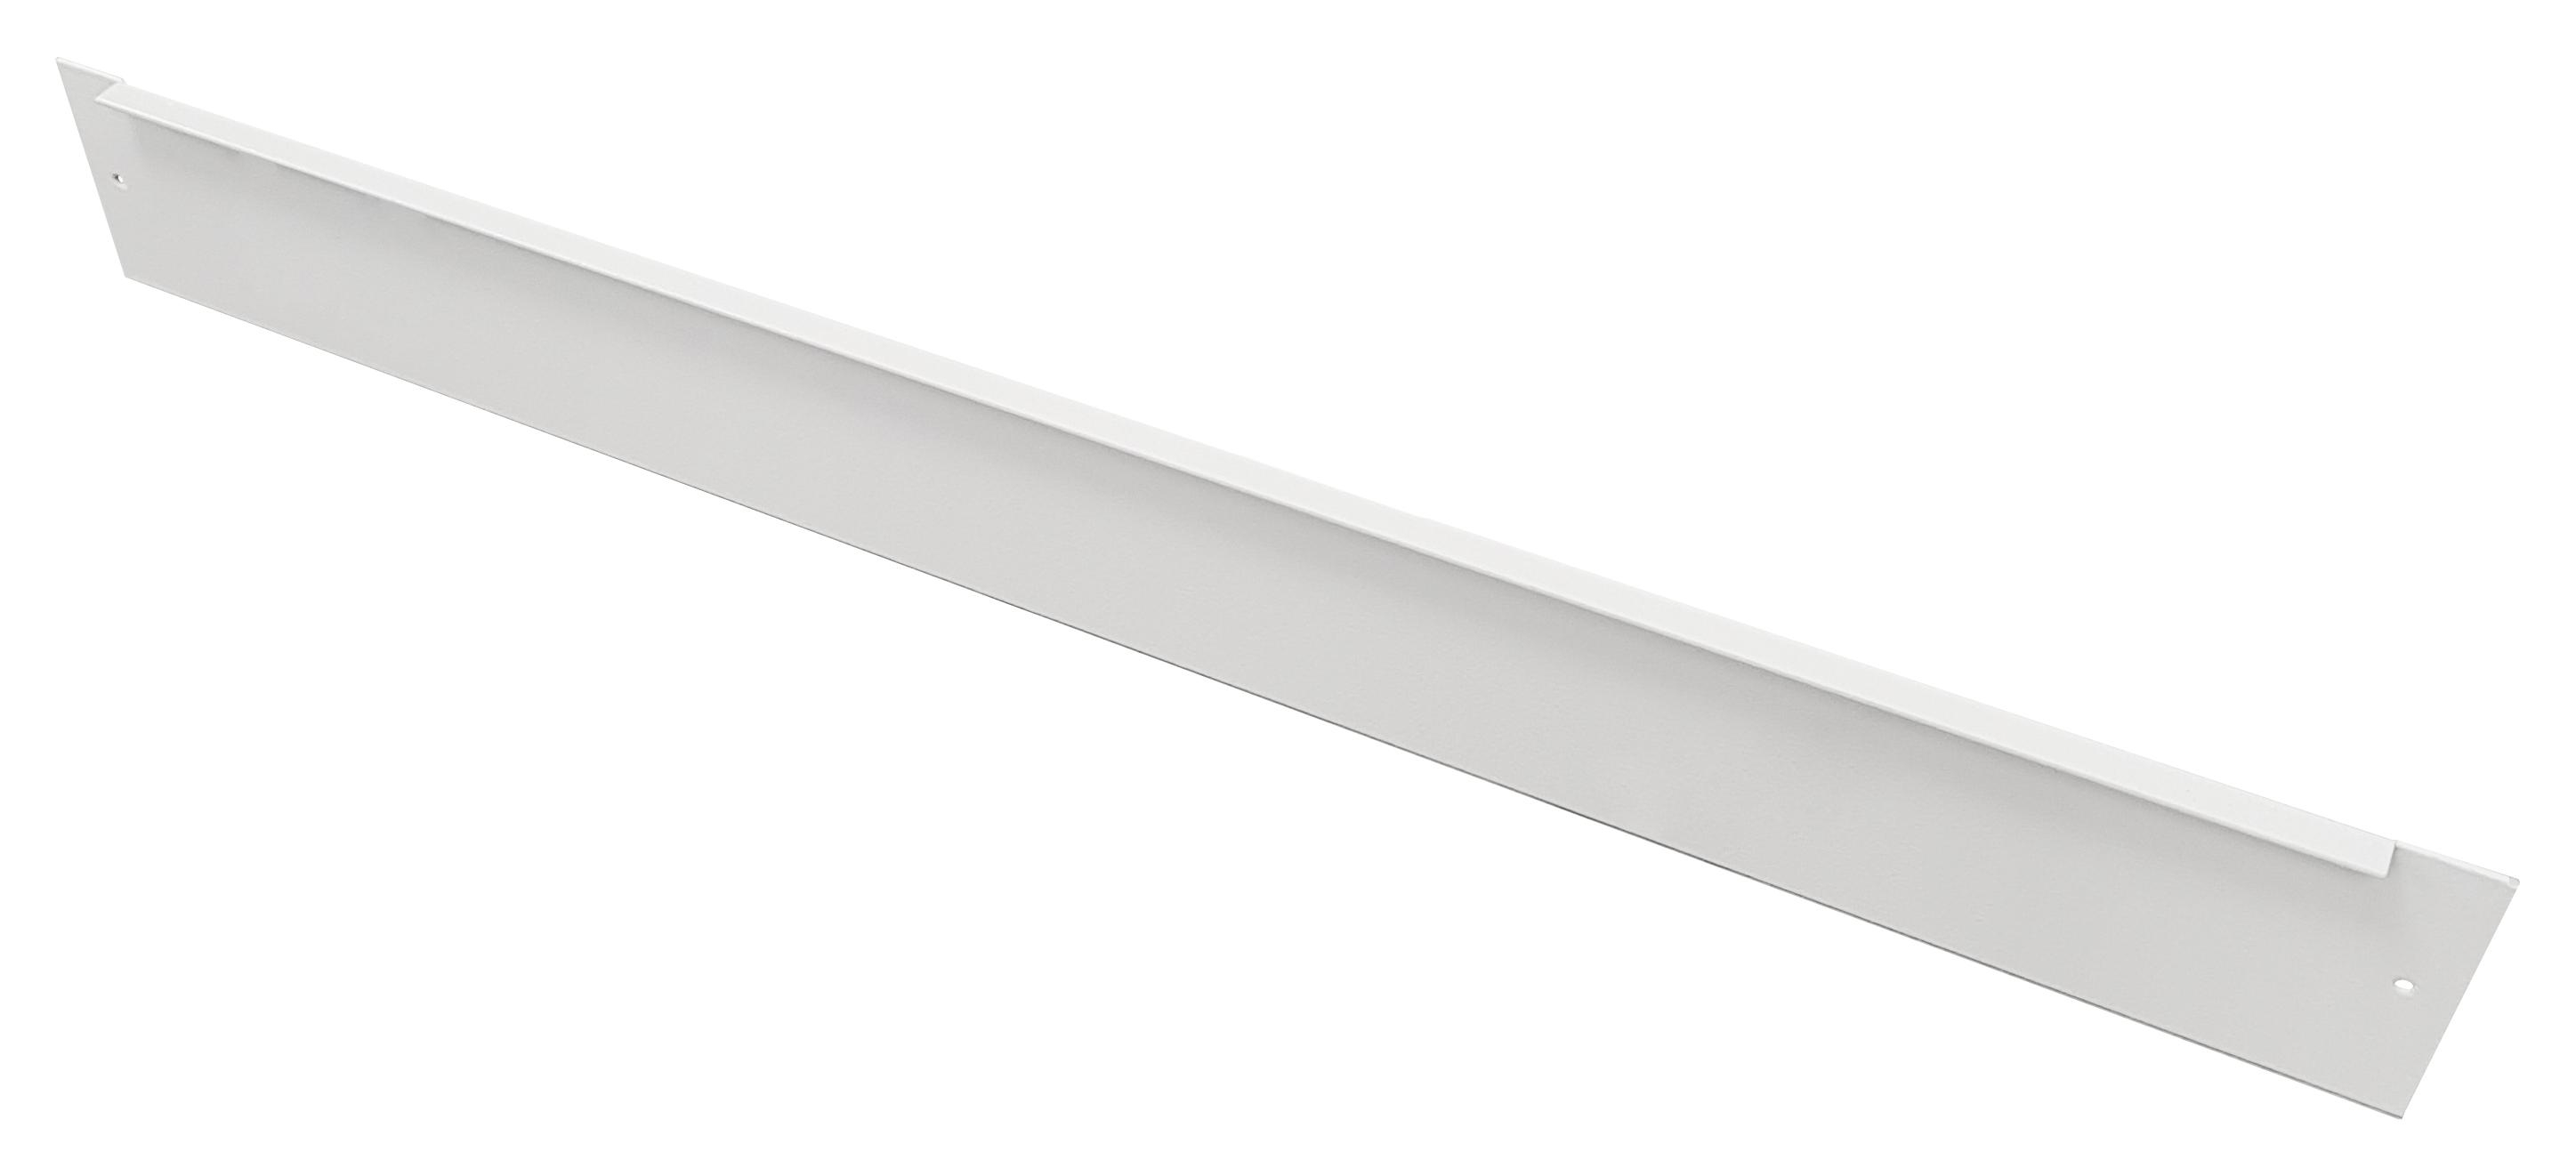 1 Stk Sockel-Frontrahmen für Maskenverteiler Breite 1 IL091010--